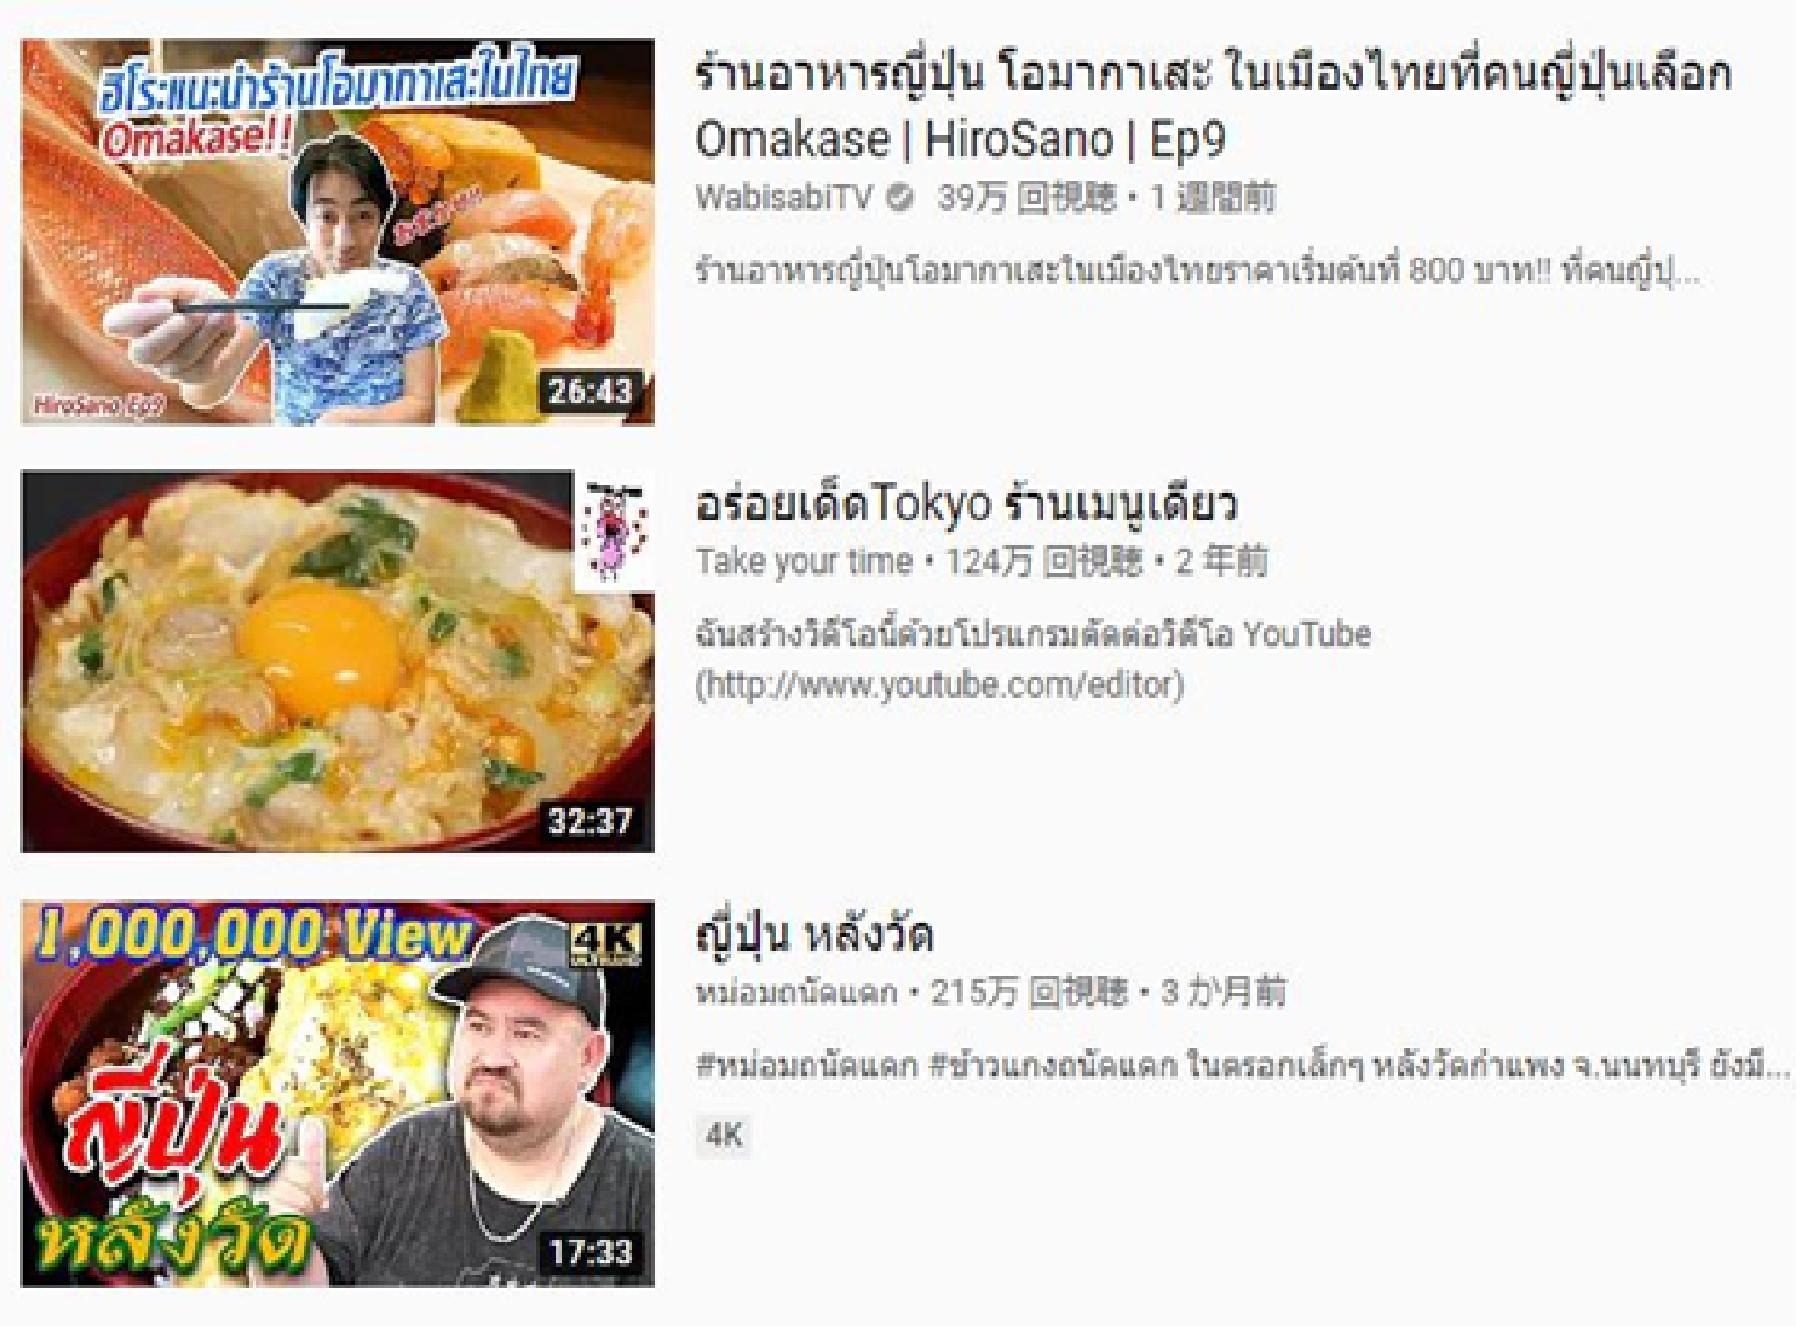 タイ人観光客が注目する日本レストラン、YouTube情報TOP10!